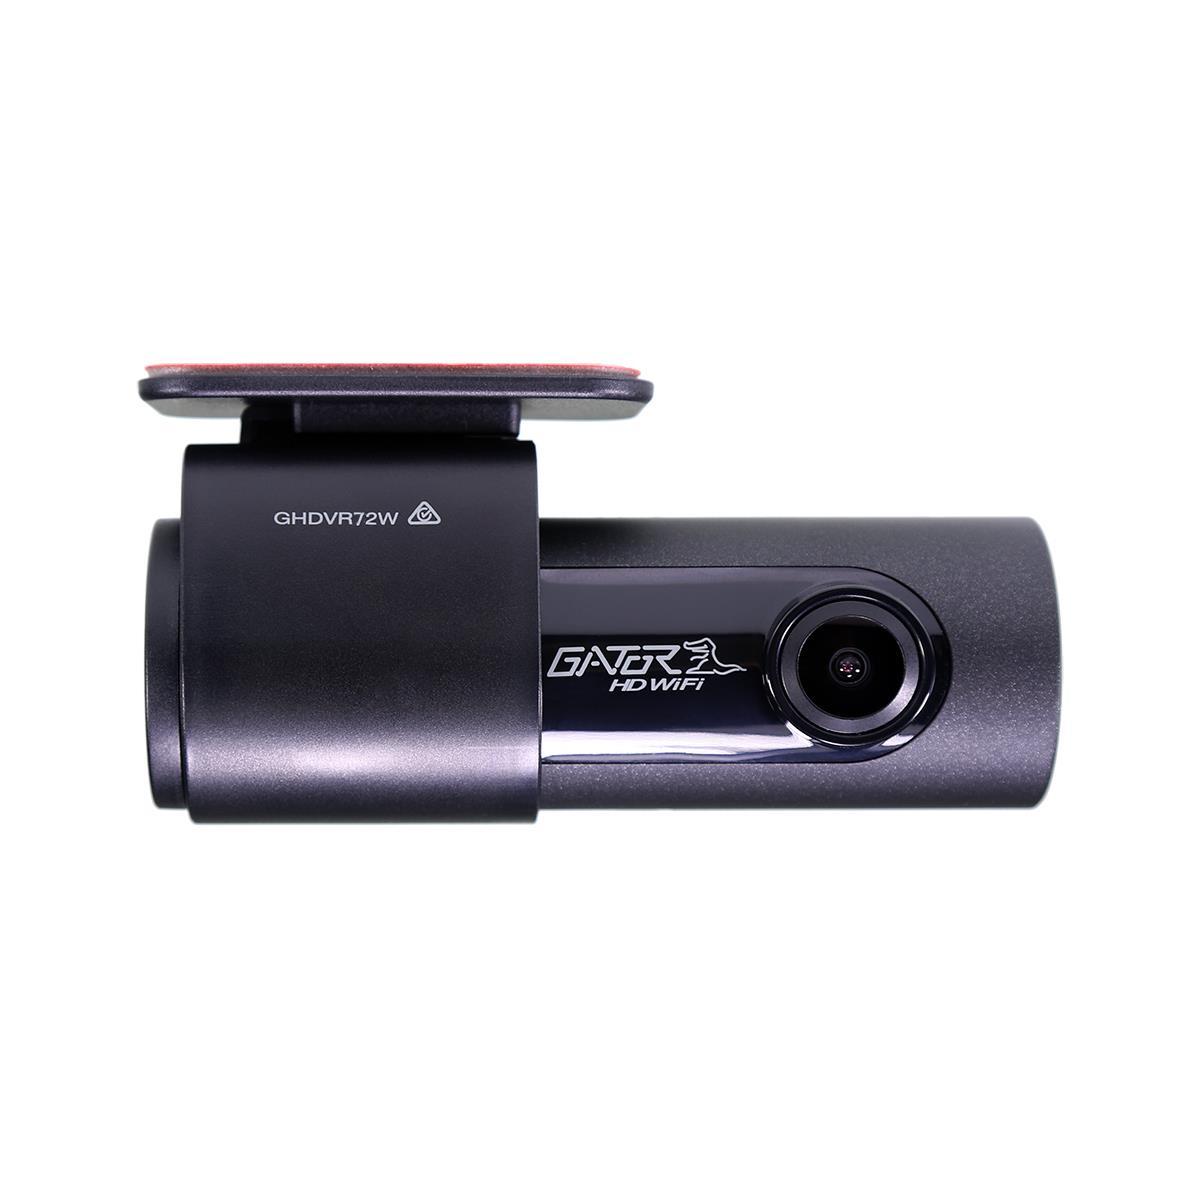 Gator dashcam 720p HD Wifi